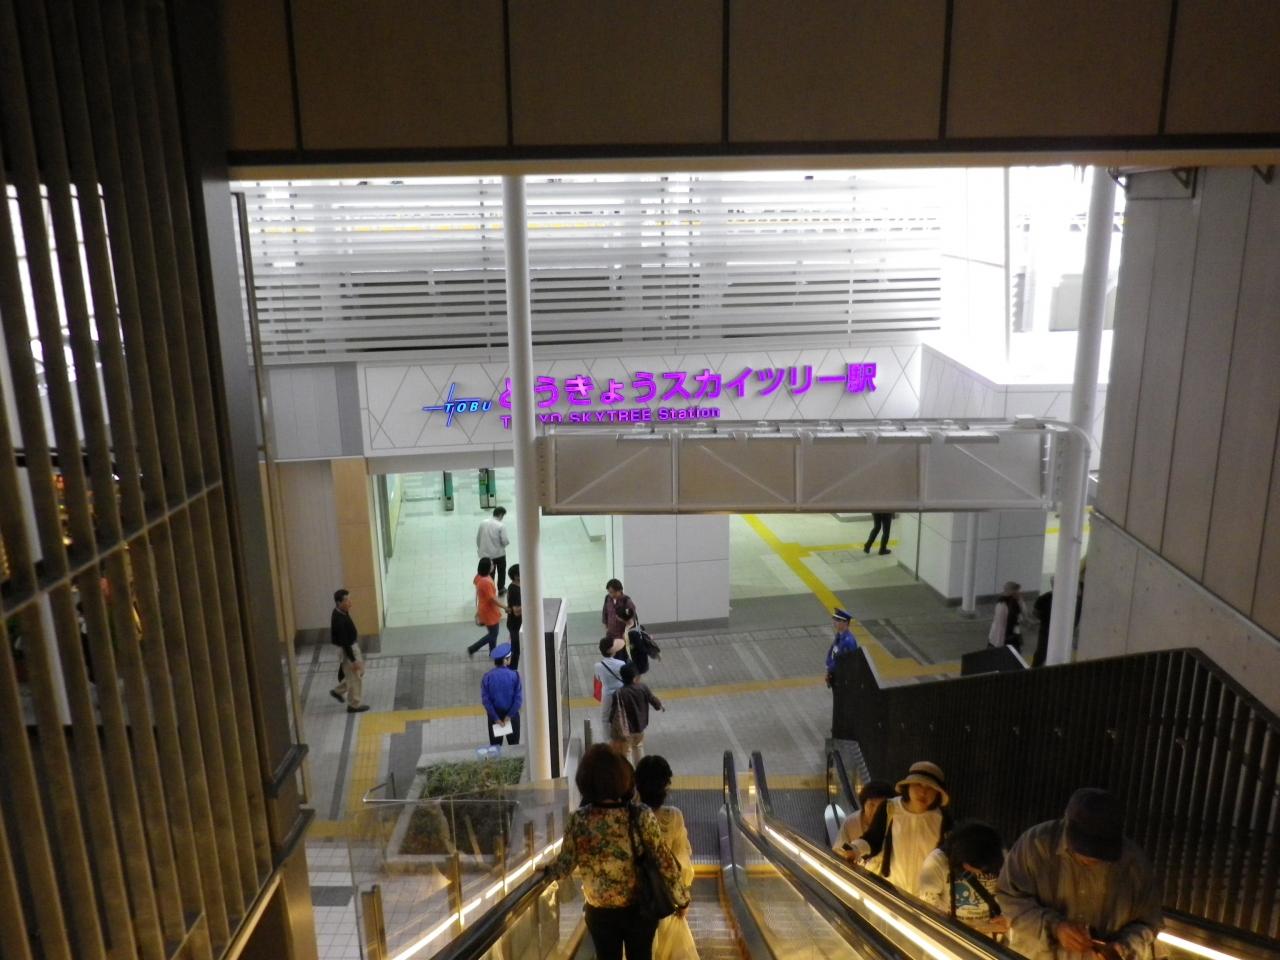 ツリー 東京 駅 スカイ